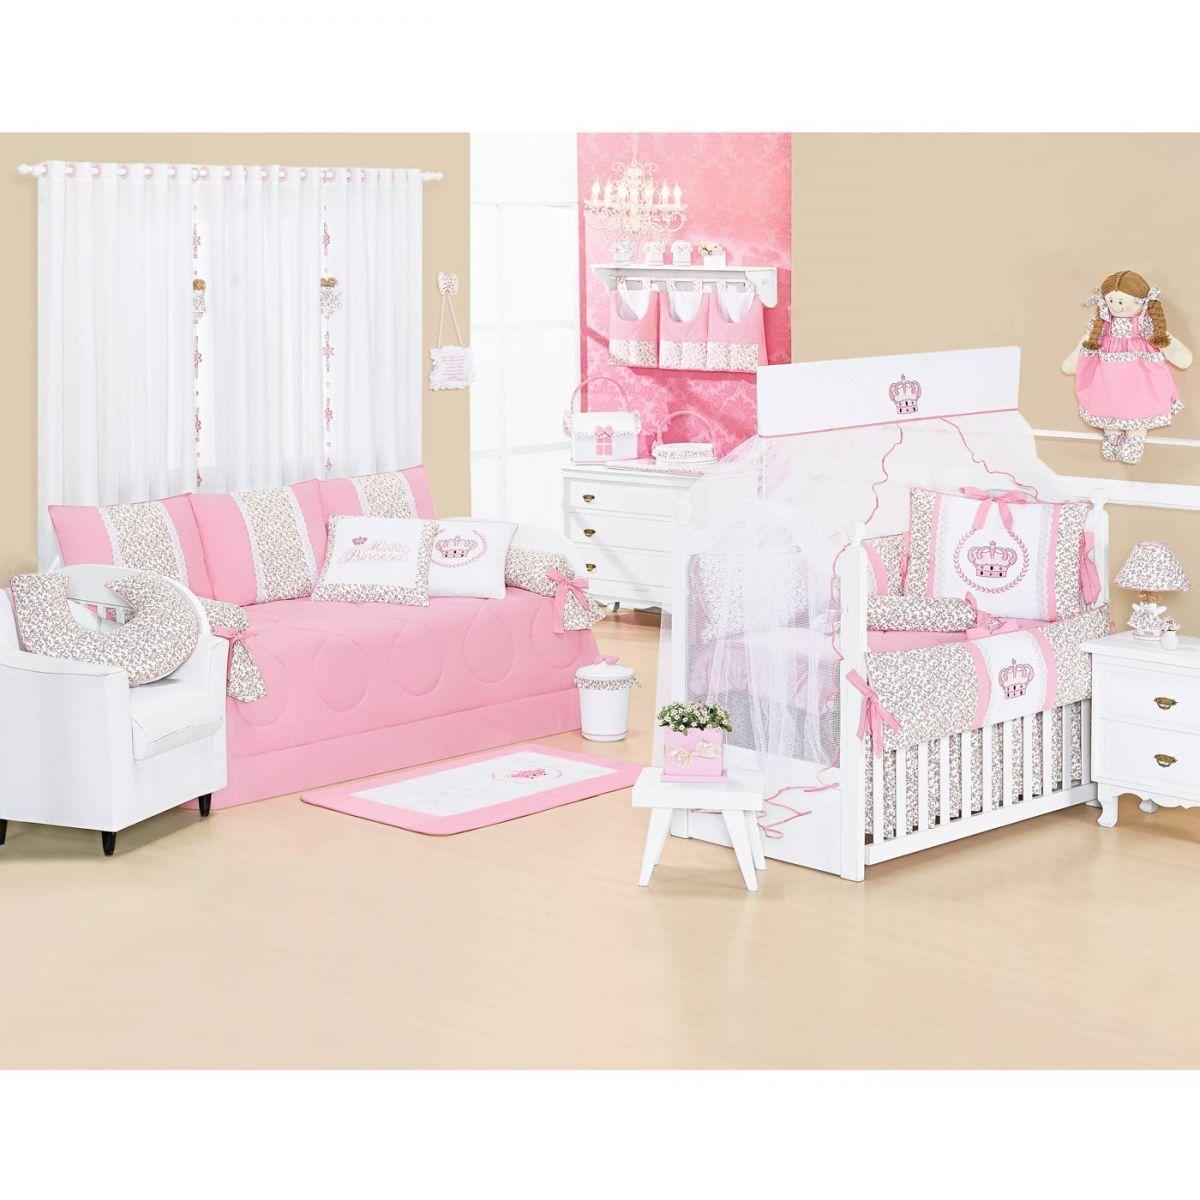 Coleção Completa para Quarto de Bebê Princesinha Baby - 24 Peças